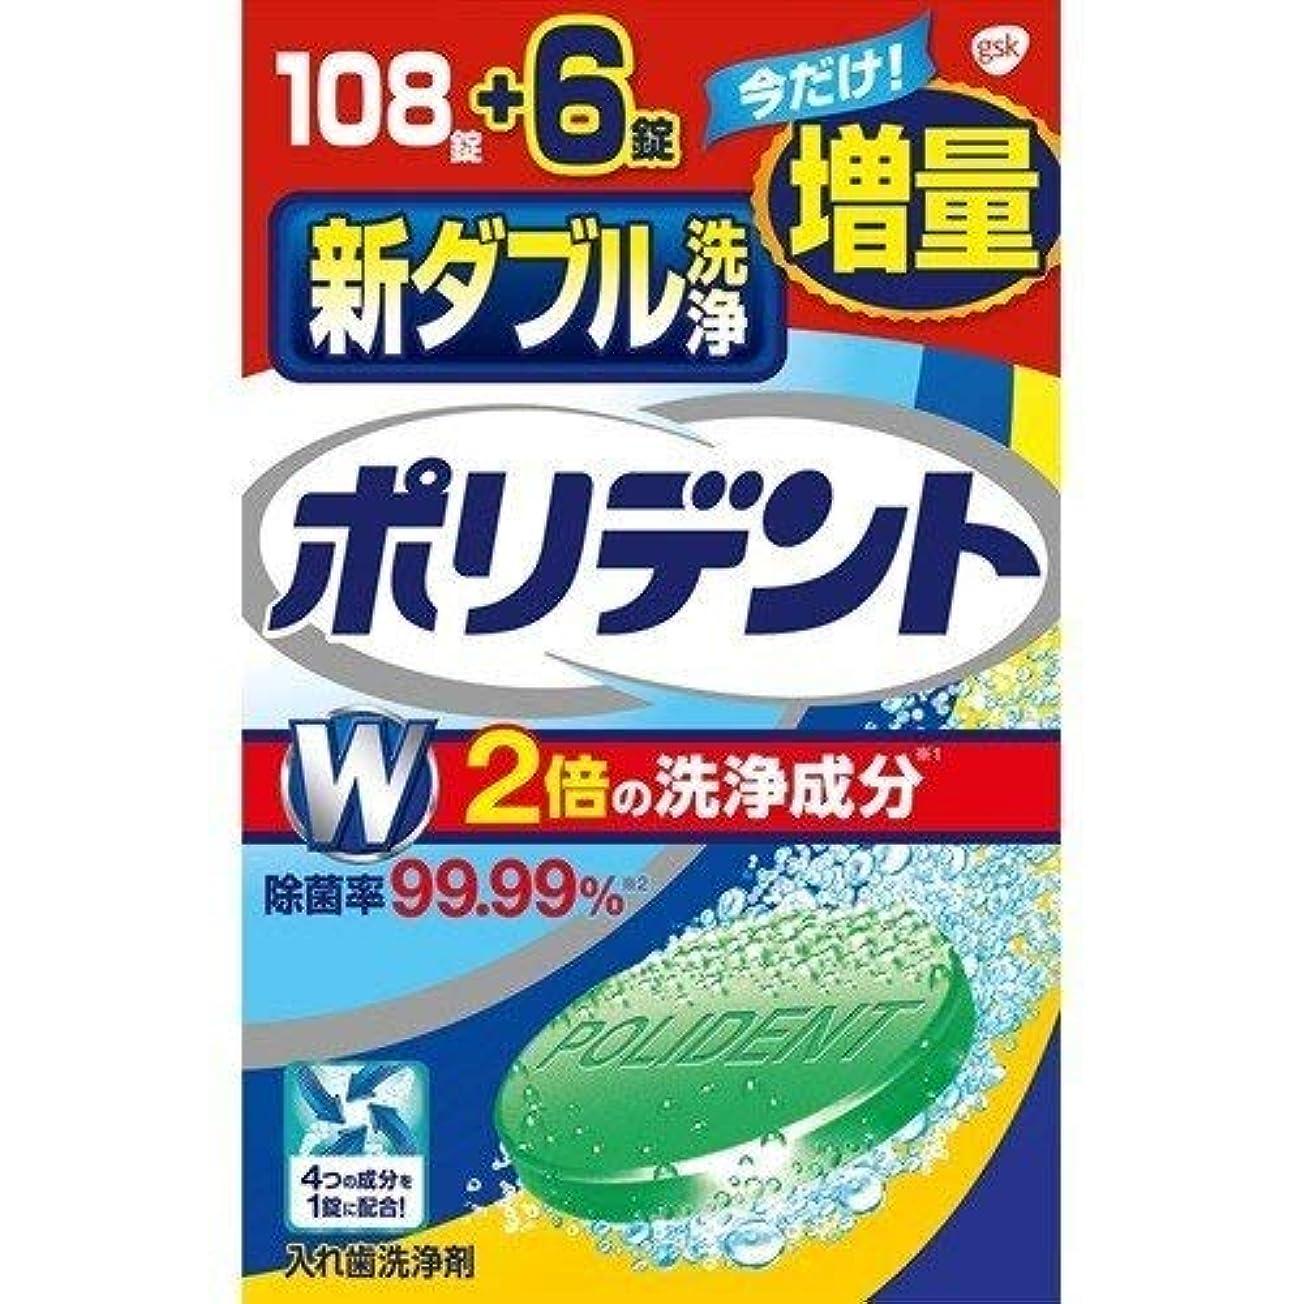 サーキットに行くしっかり吸収新ダブル洗浄ポリデント増量品108錠+6錠